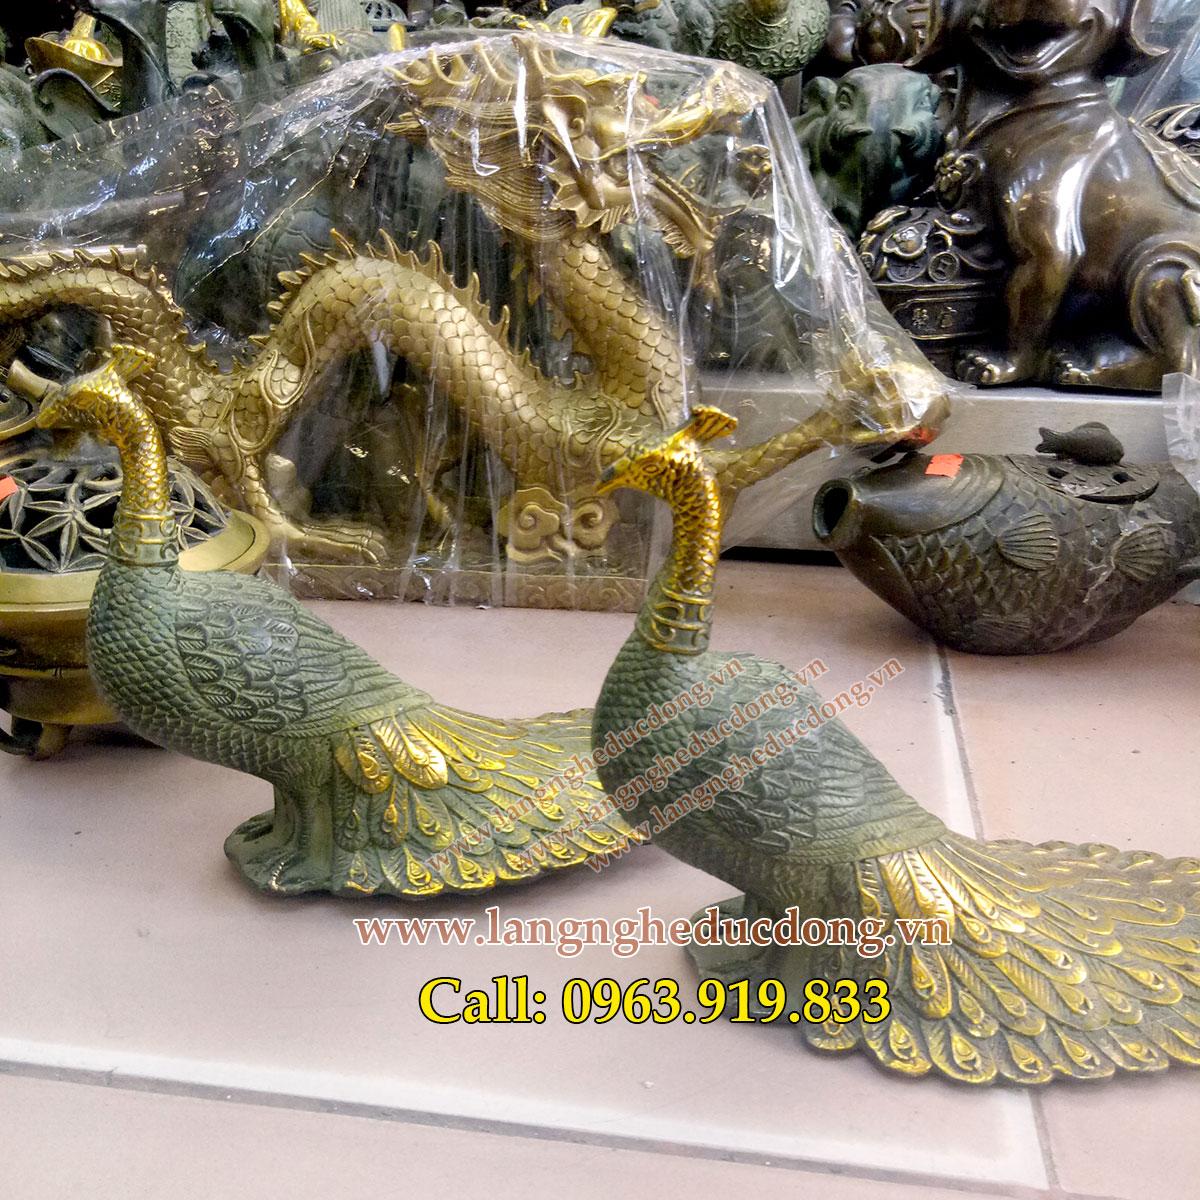 Chim công giả cổ, giá tượng chim công, bán tượng chim công